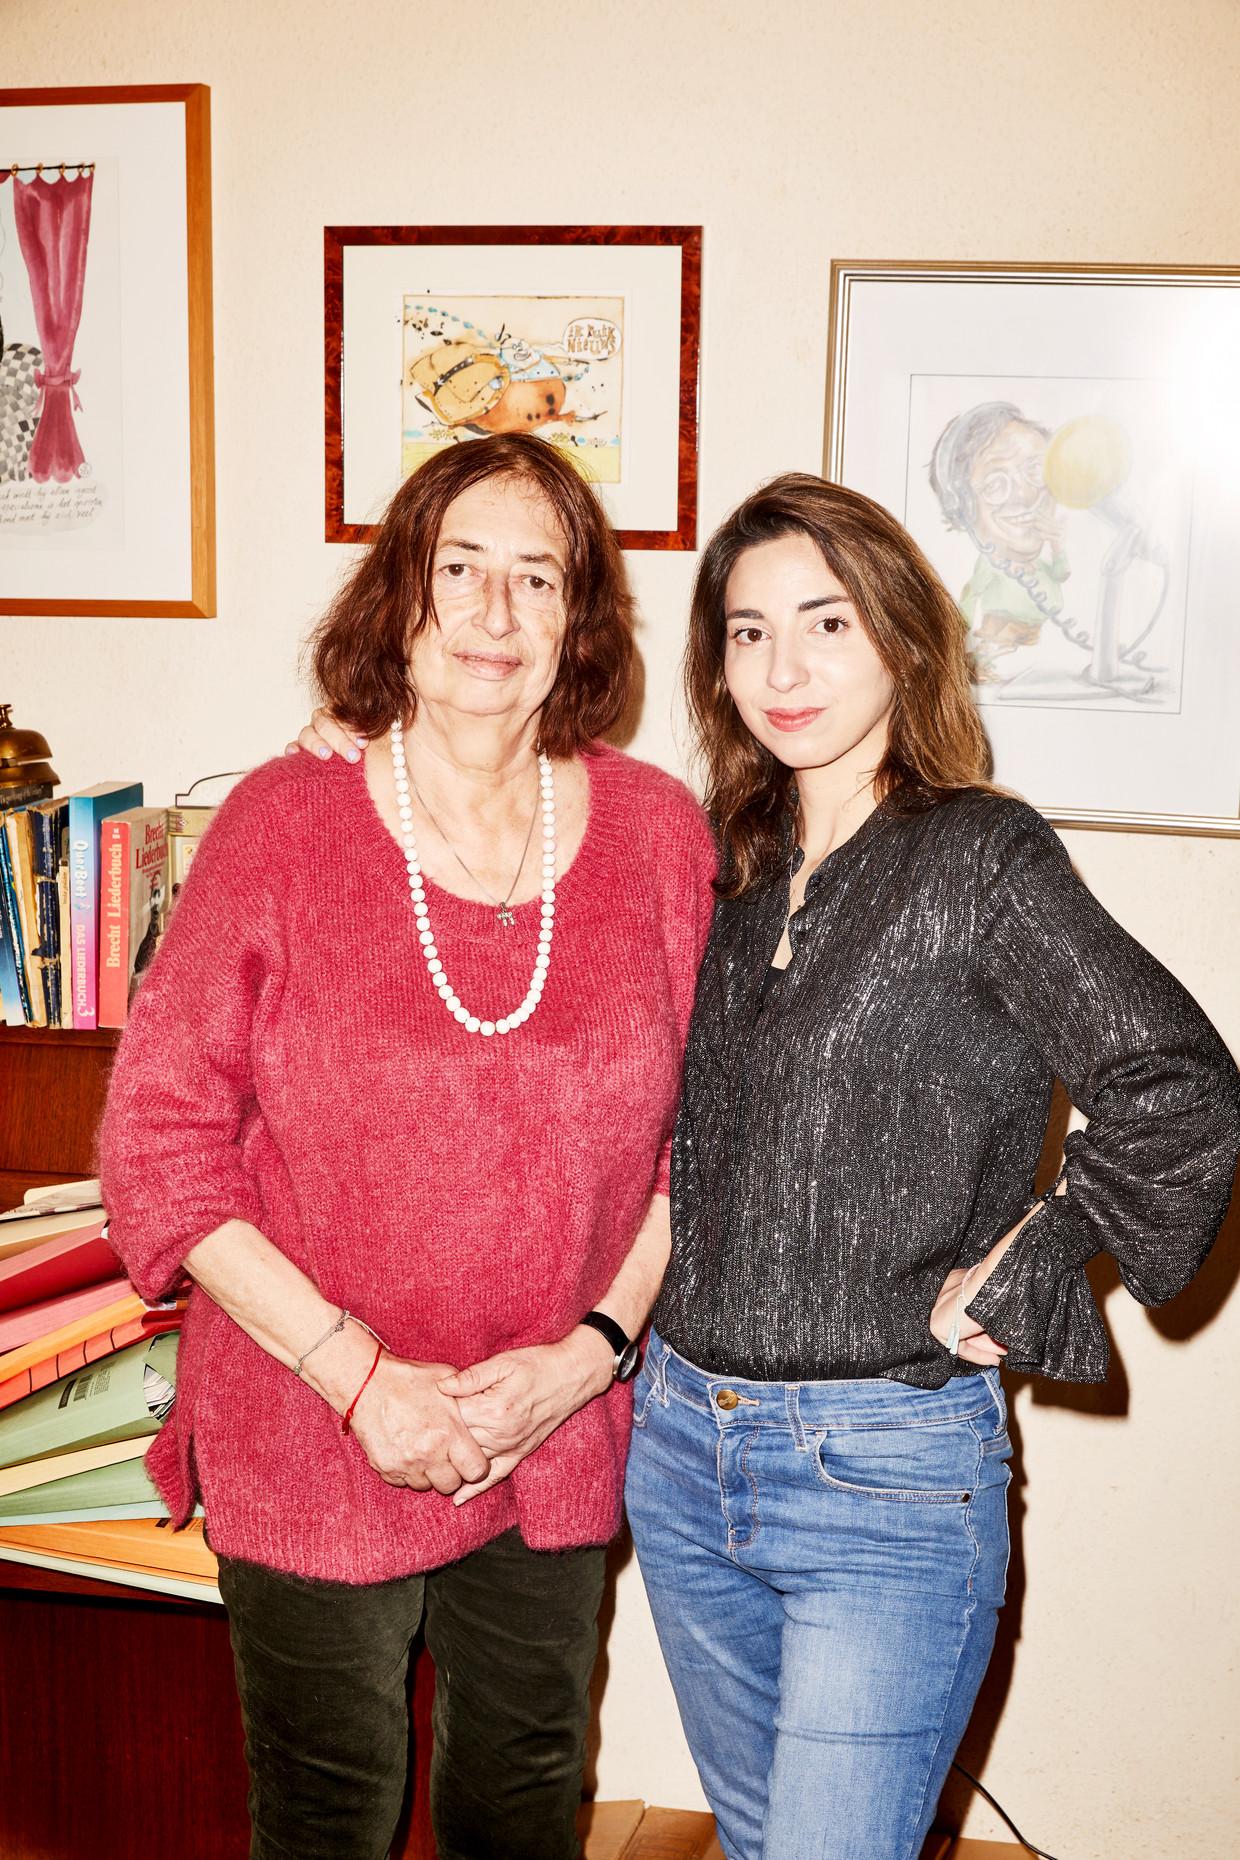 Anet Bleich en Natascha van Weezel in het huis van Bleich in Amsterdam.  Beeld Marie Wanders